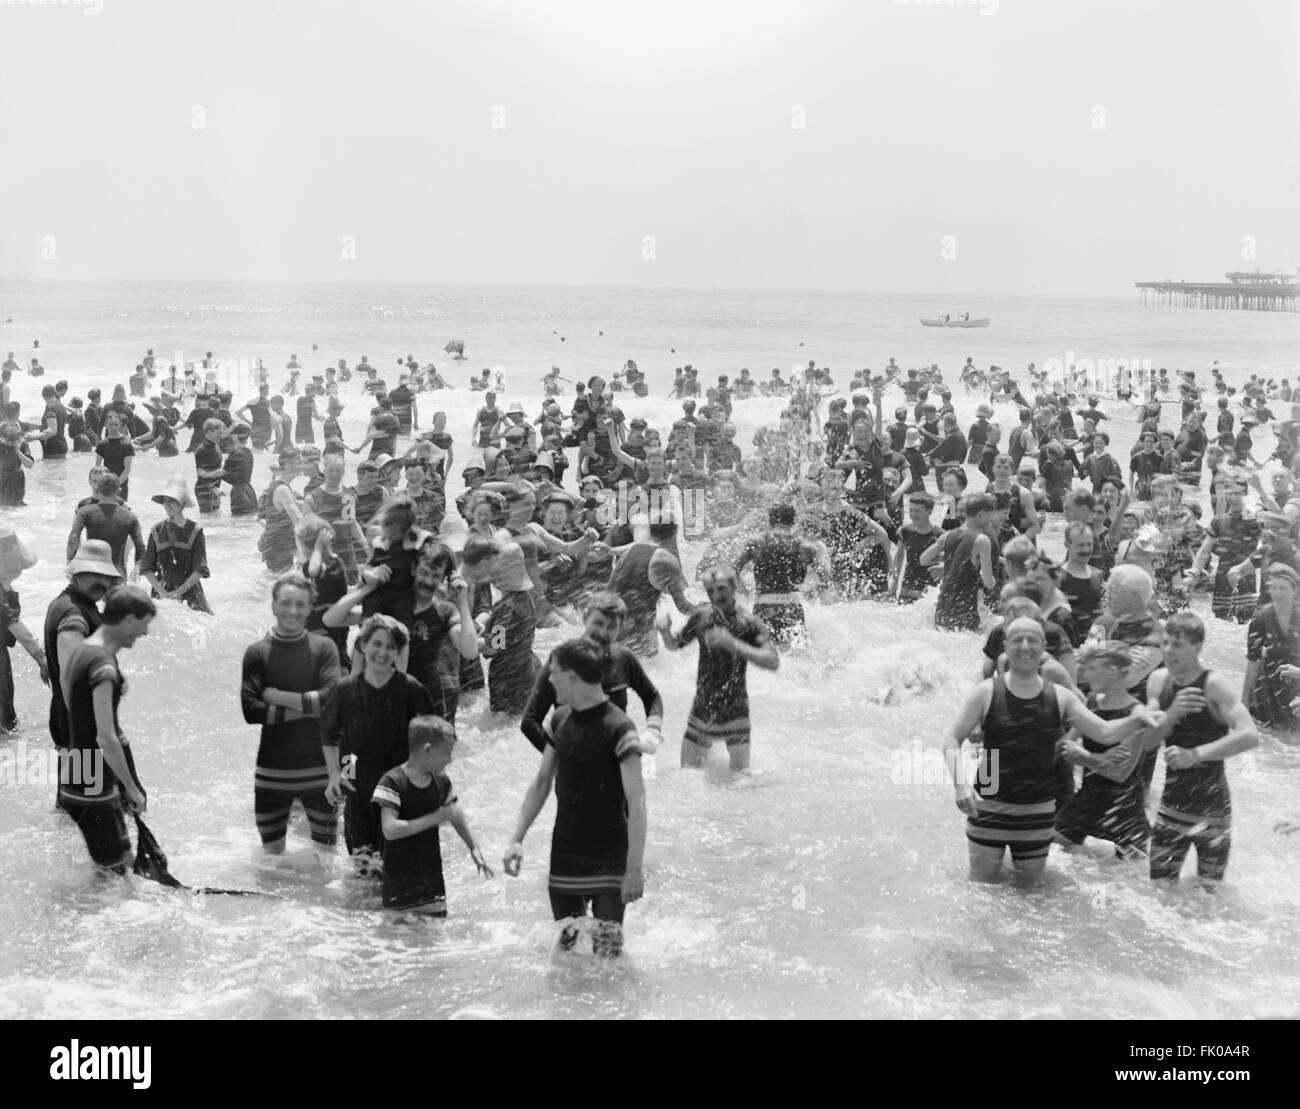 Profitant de la foule, Atlantic City, New Jersey, Etats-Unis, vers 1905 Photo Stock